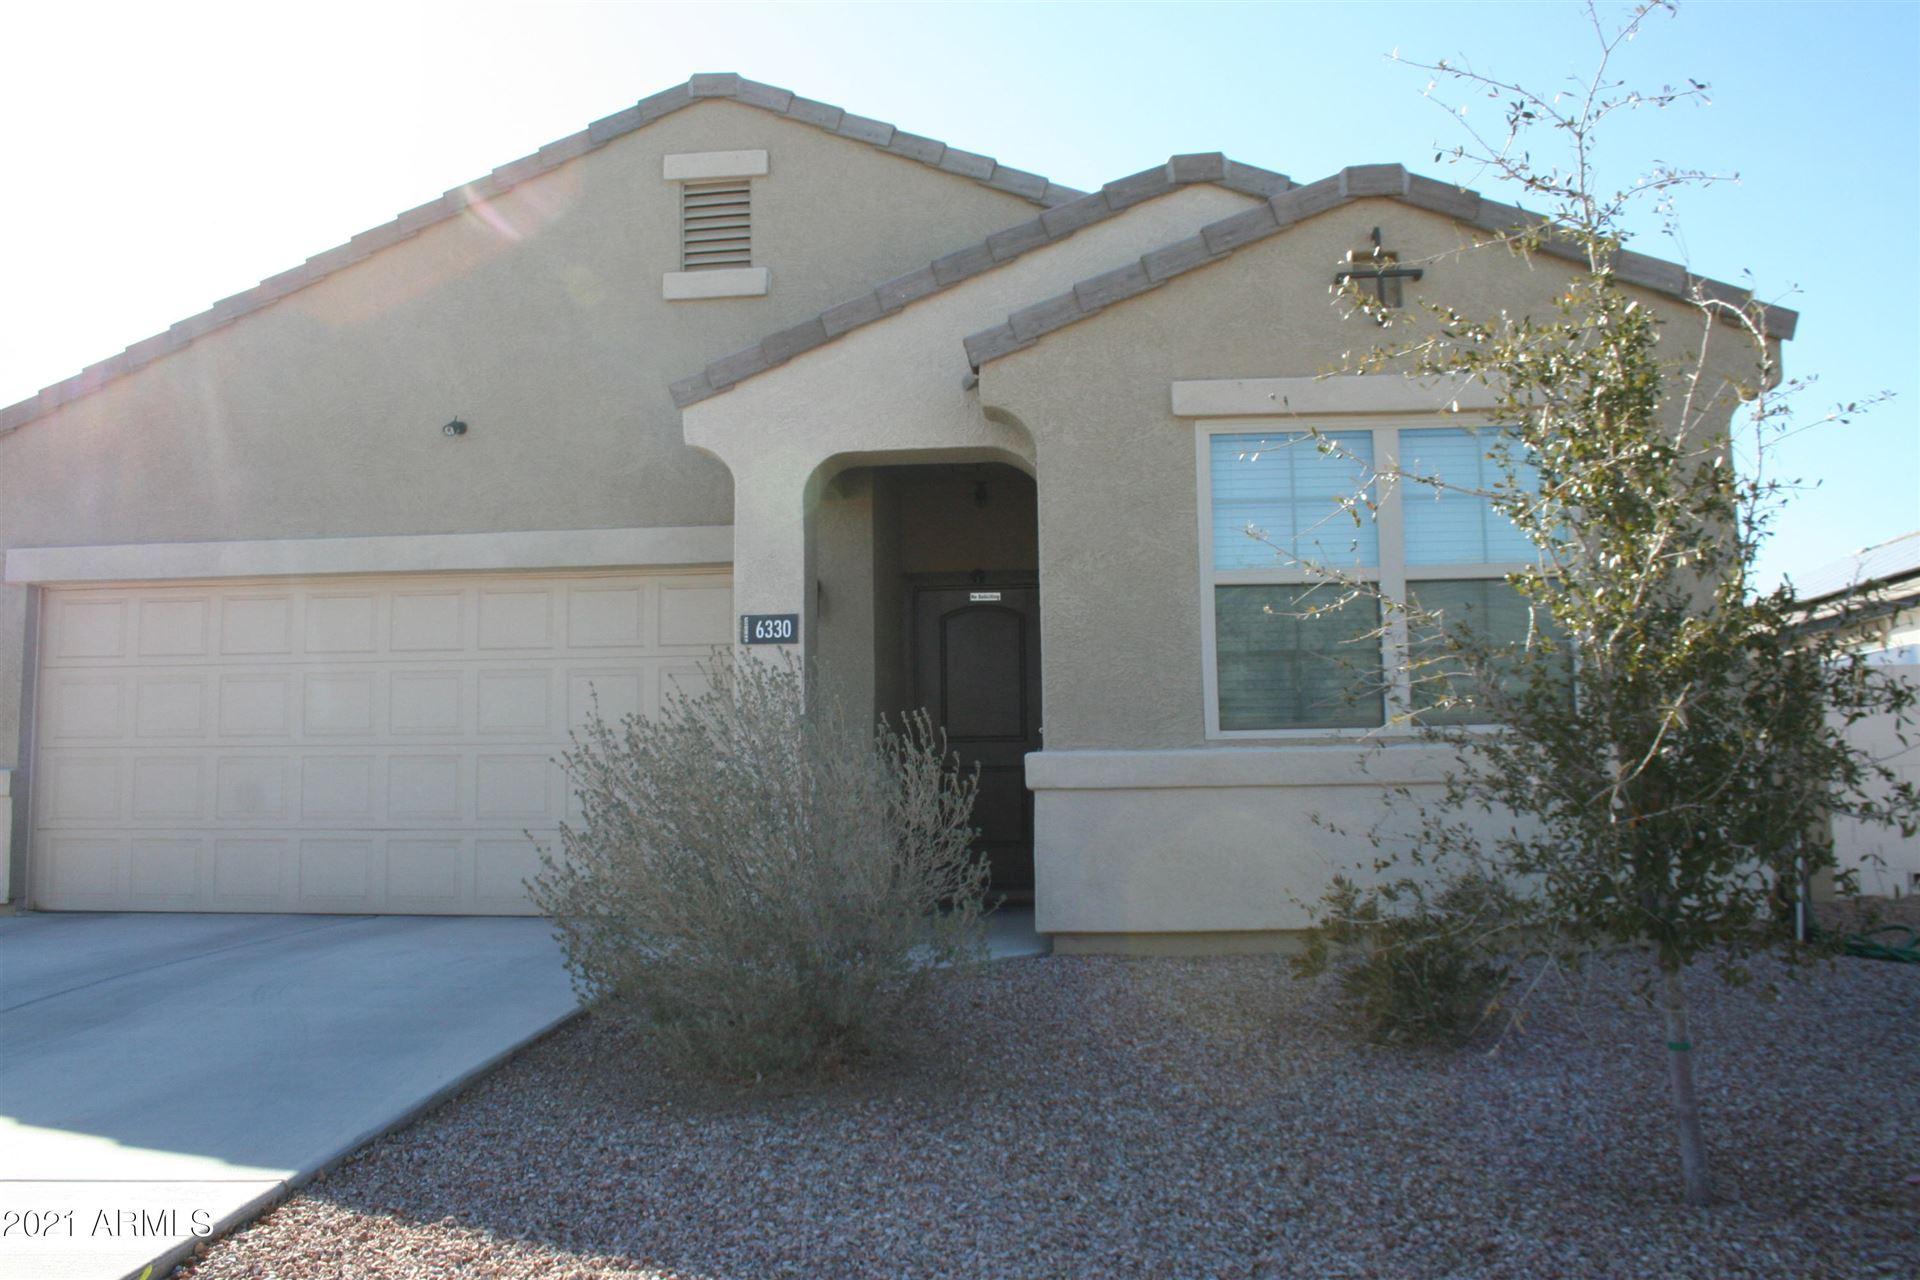 Photo of 6330 S 252ND Lane, Buckeye, AZ 85326 (MLS # 6202696)